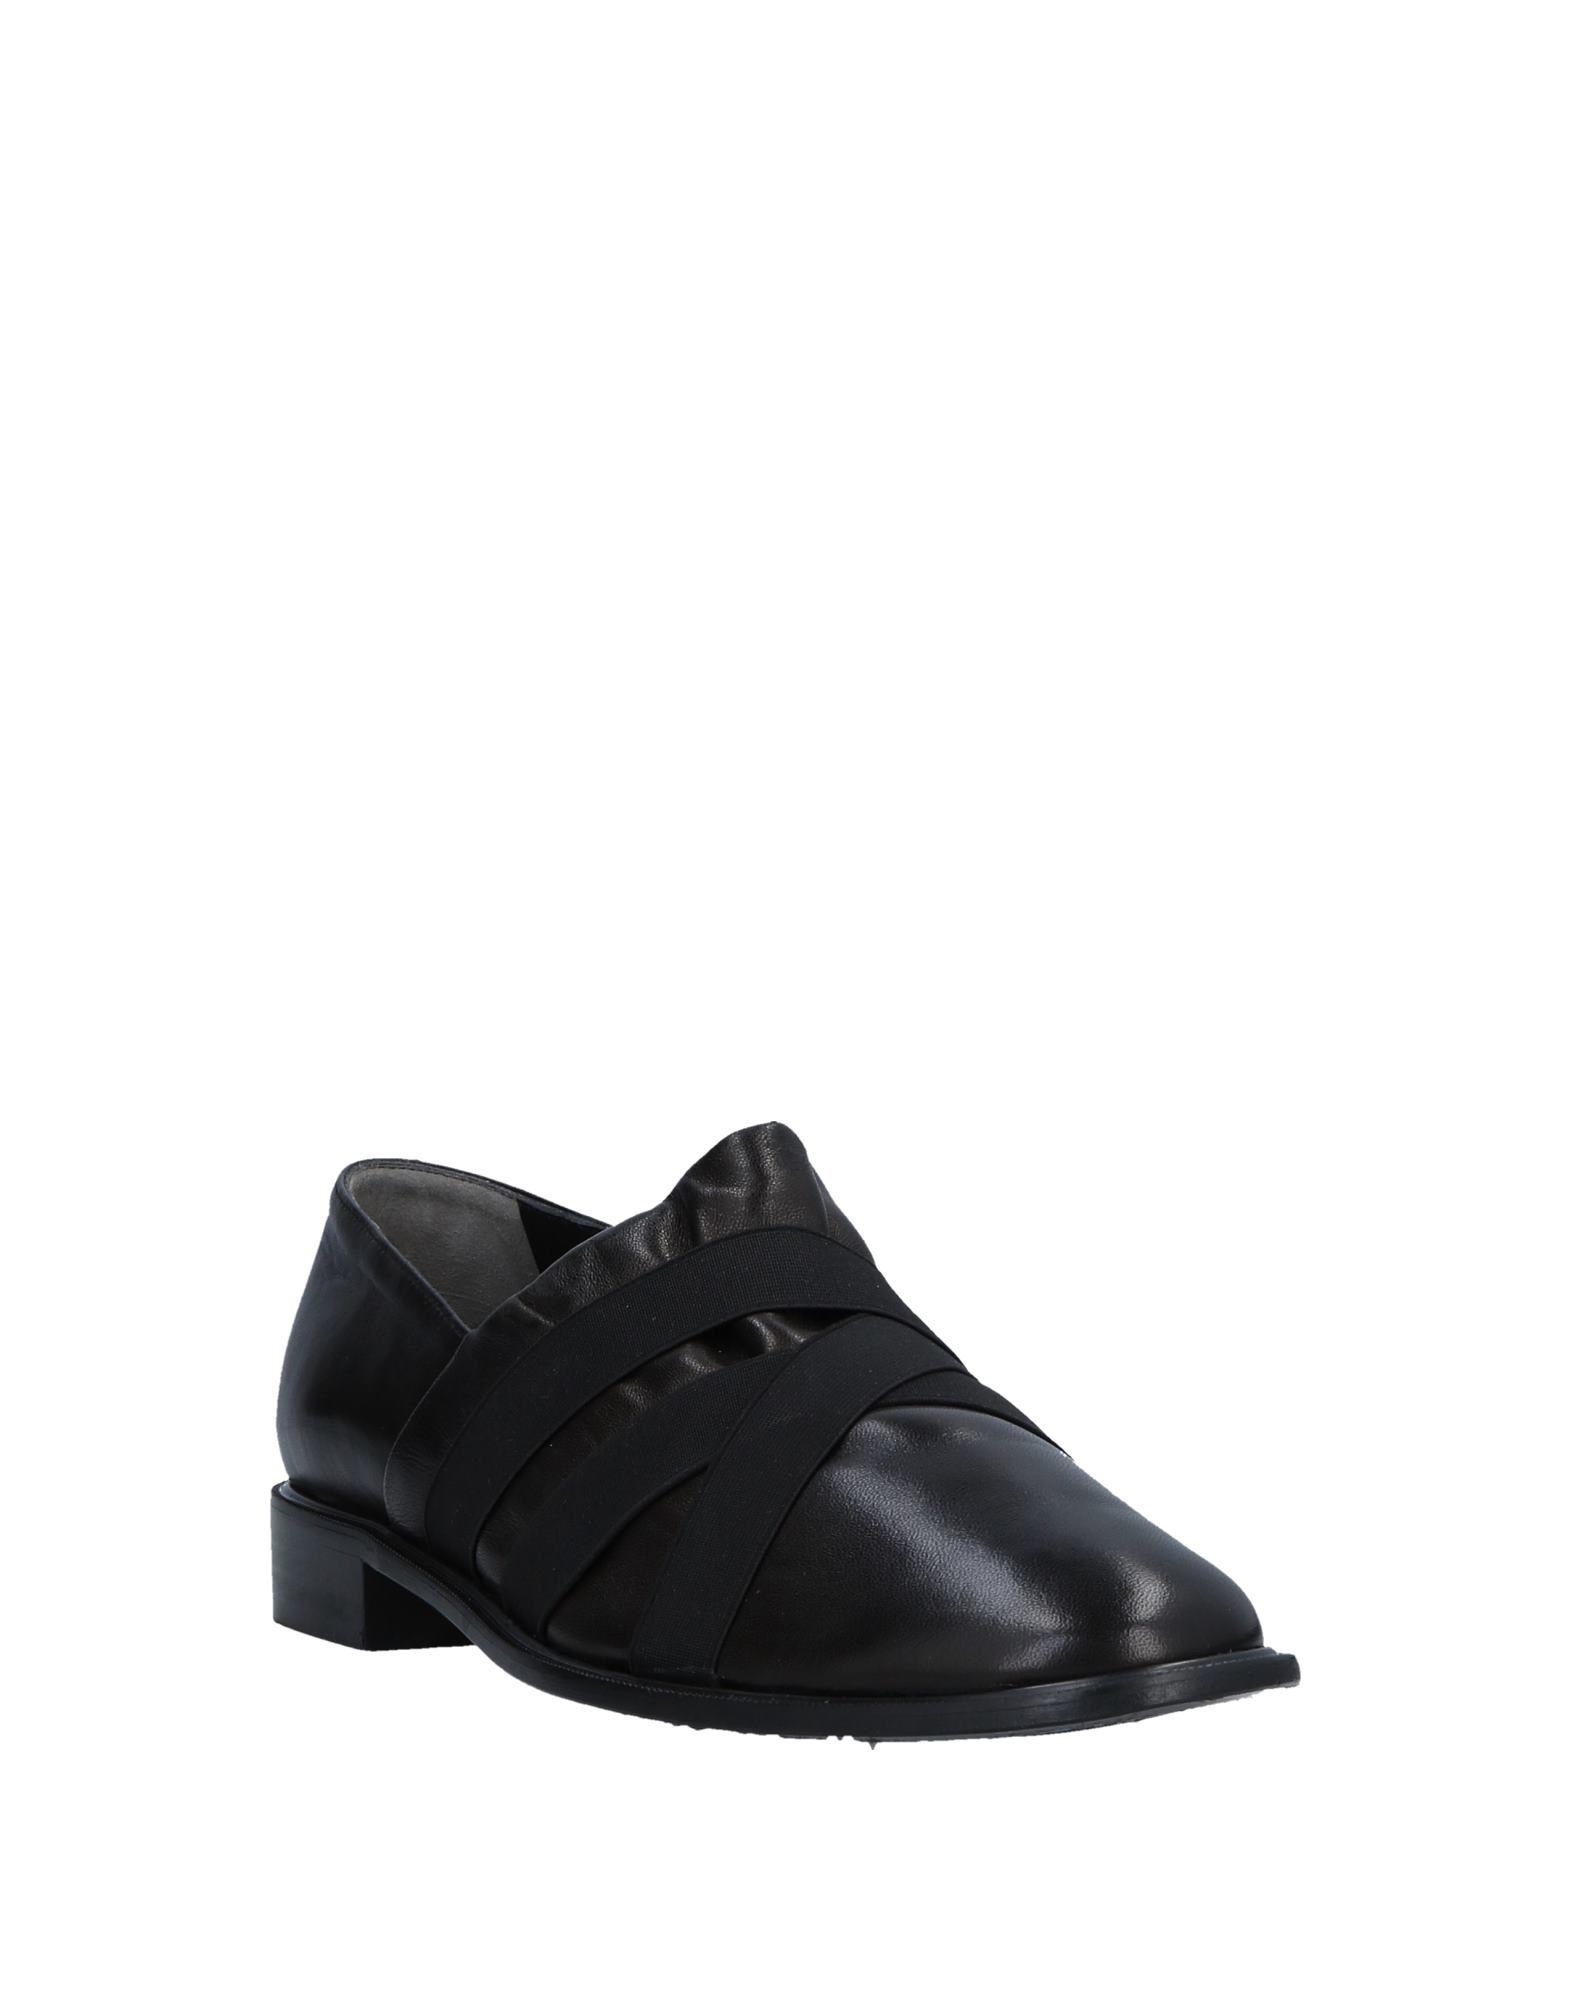 Robert Clergerie Mokassins Damen  Schuhe 11533873DJ Beliebte Schuhe  095fee